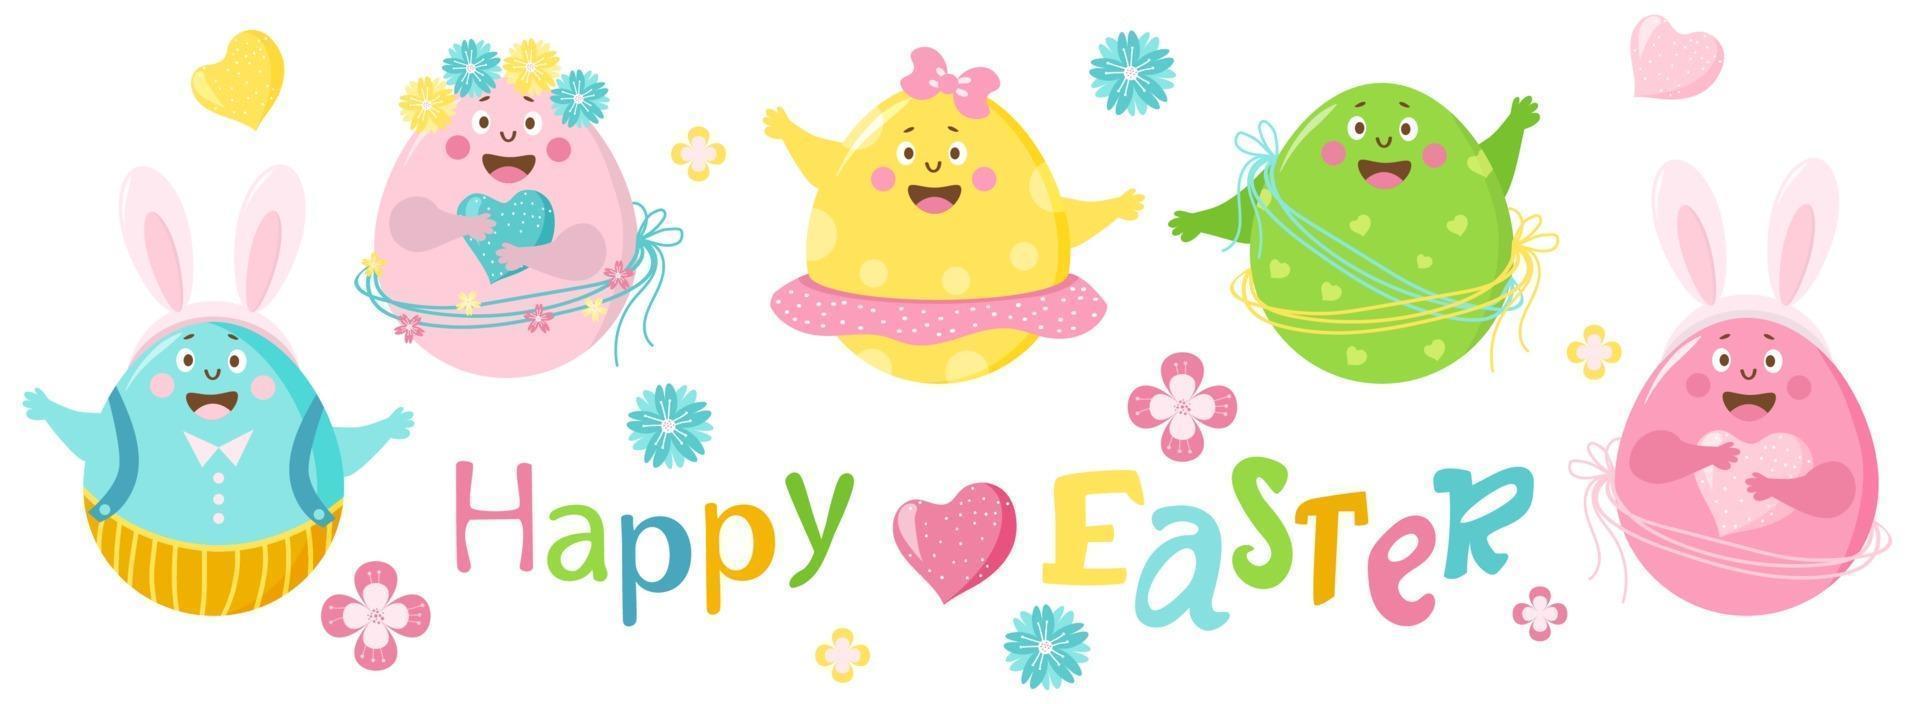 Feliz Páscoa. conjunto de ovos de Páscoa fofos alegres coloridos com rosto, olhos e mãos. os personagens são um menino e uma menina, de saia e calça, com flores e orelhas de lebre. ilustração vetorial vetor